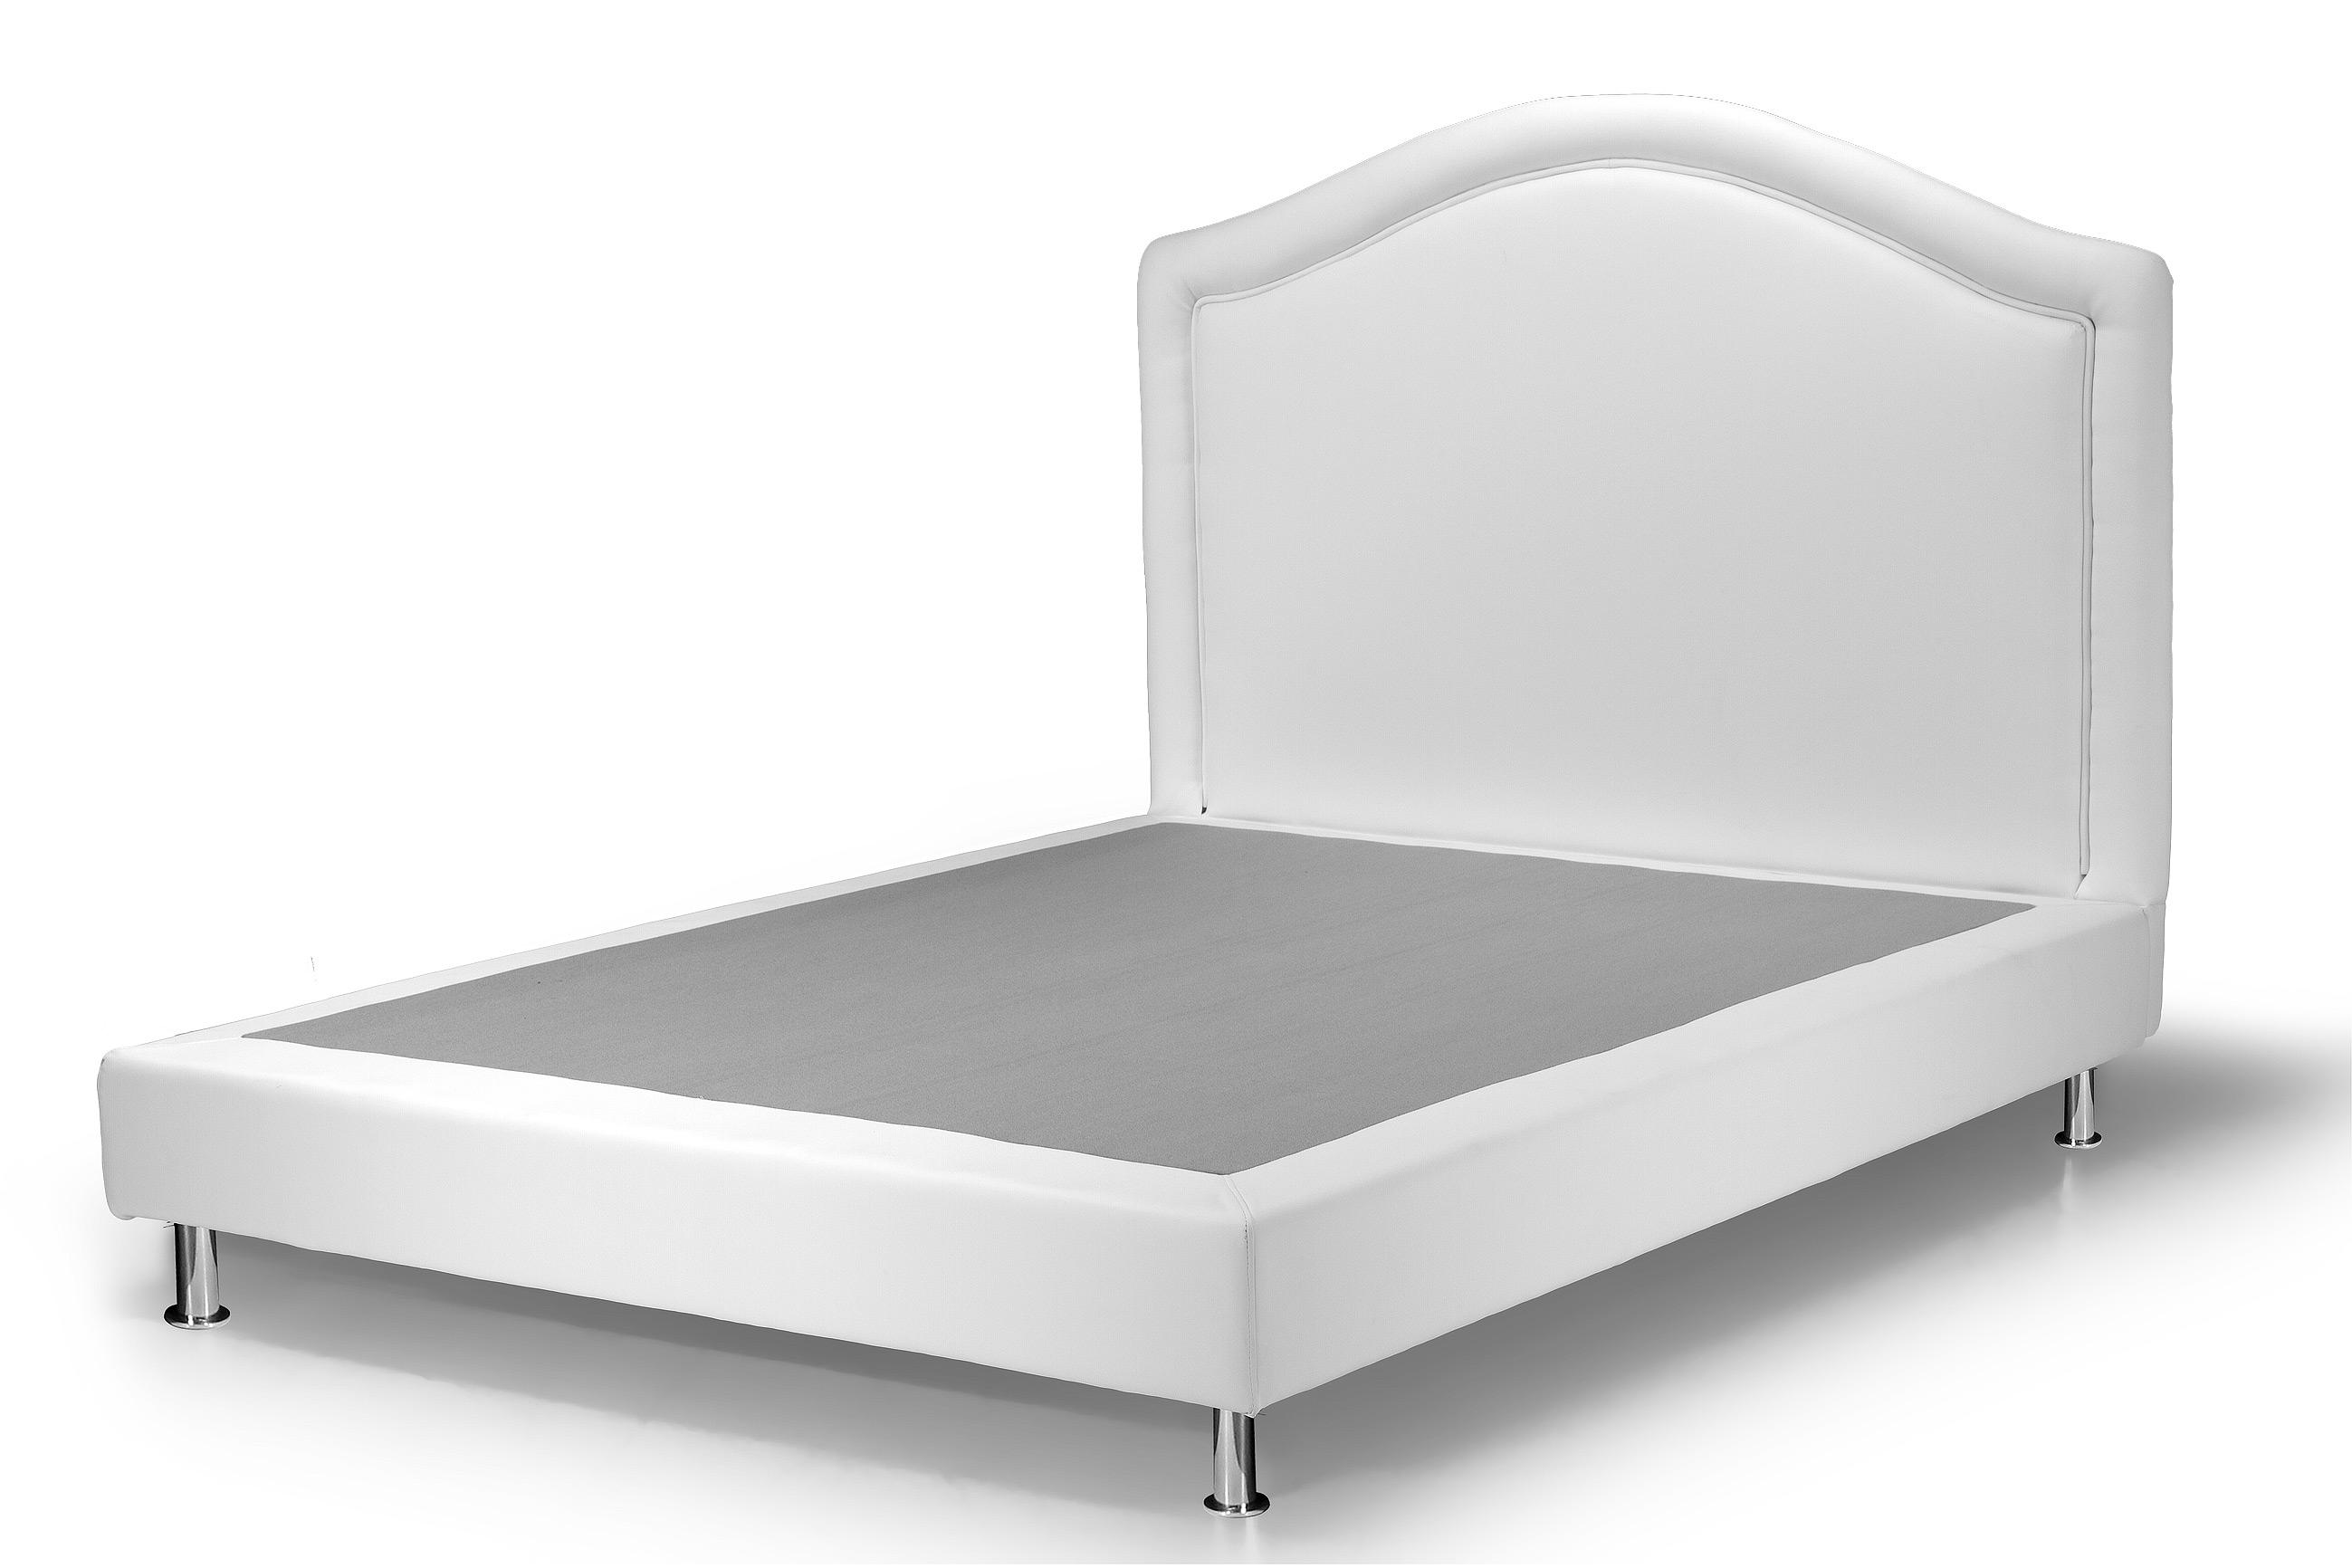 Testiera Per Letto Singolo : Testiera per letto singolo lusso giotto h 94 106 cm ecopelle terra